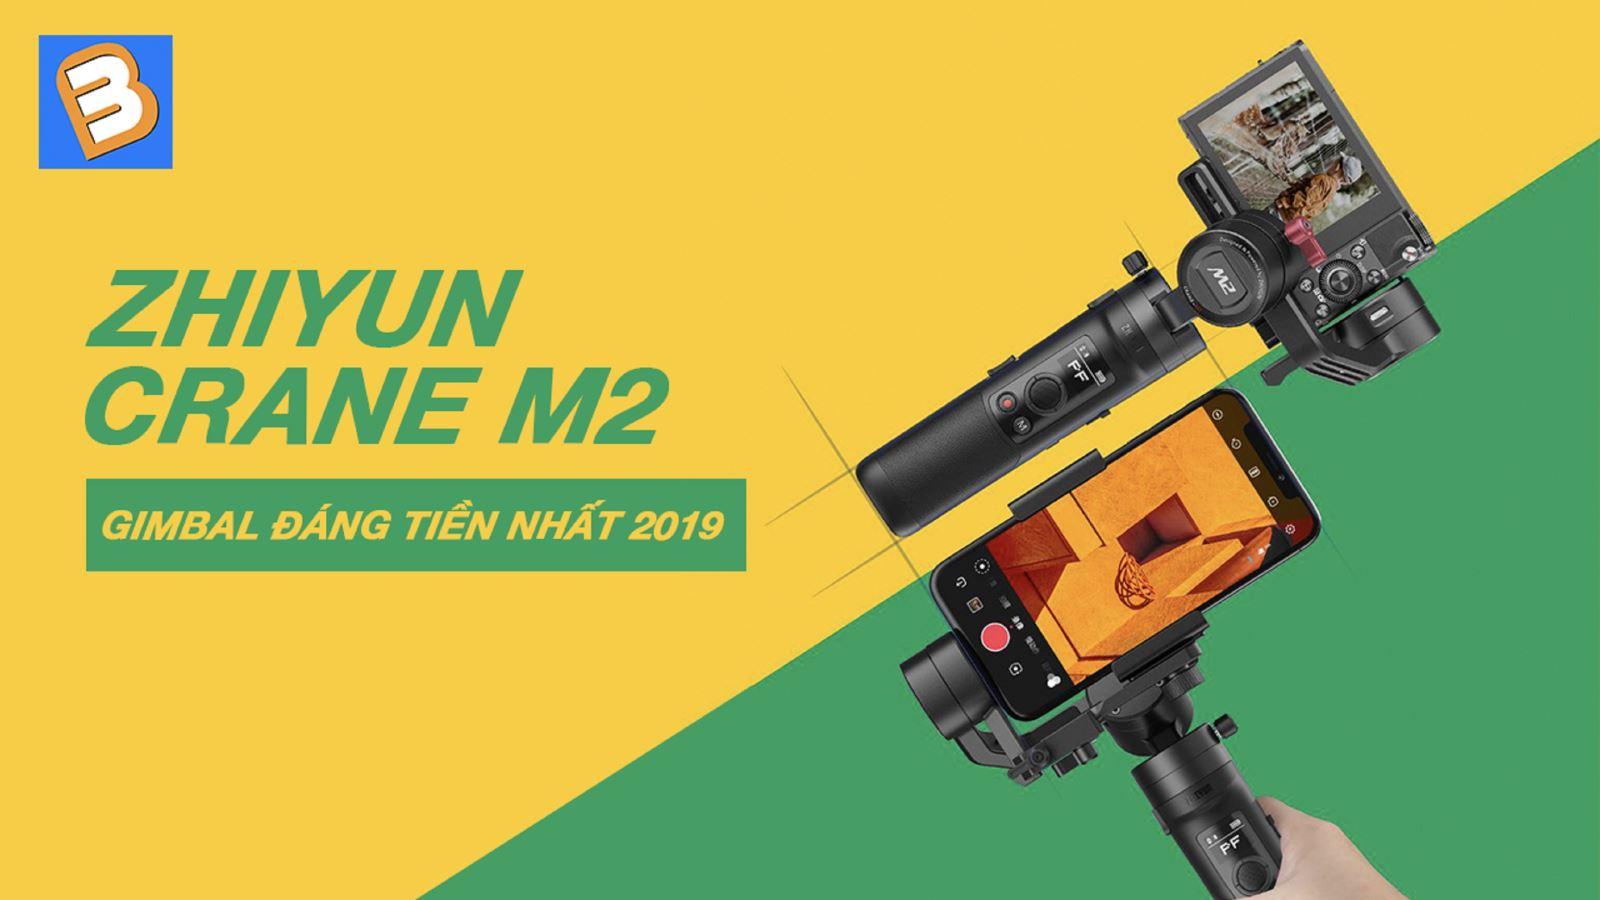 Đánh giáZhiyun Crane M2:Gimbal đáng tiền nhất 2019